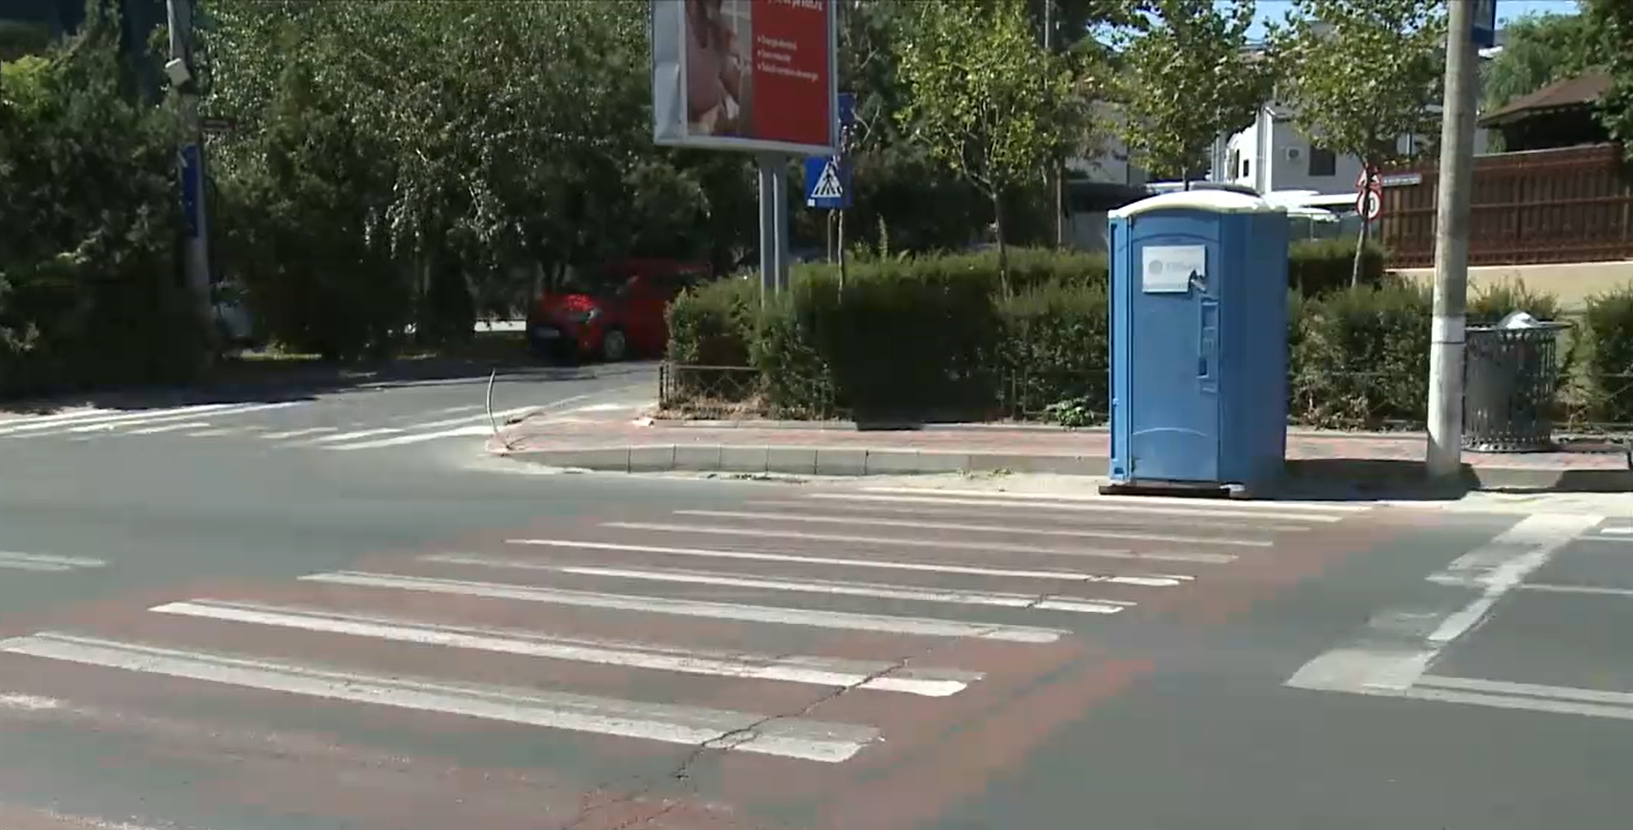 O toaletă ecologică așteaptă la o trecere de pietoni din București de câteva zile. Oamenii au început să râdă, dar situația e delicată